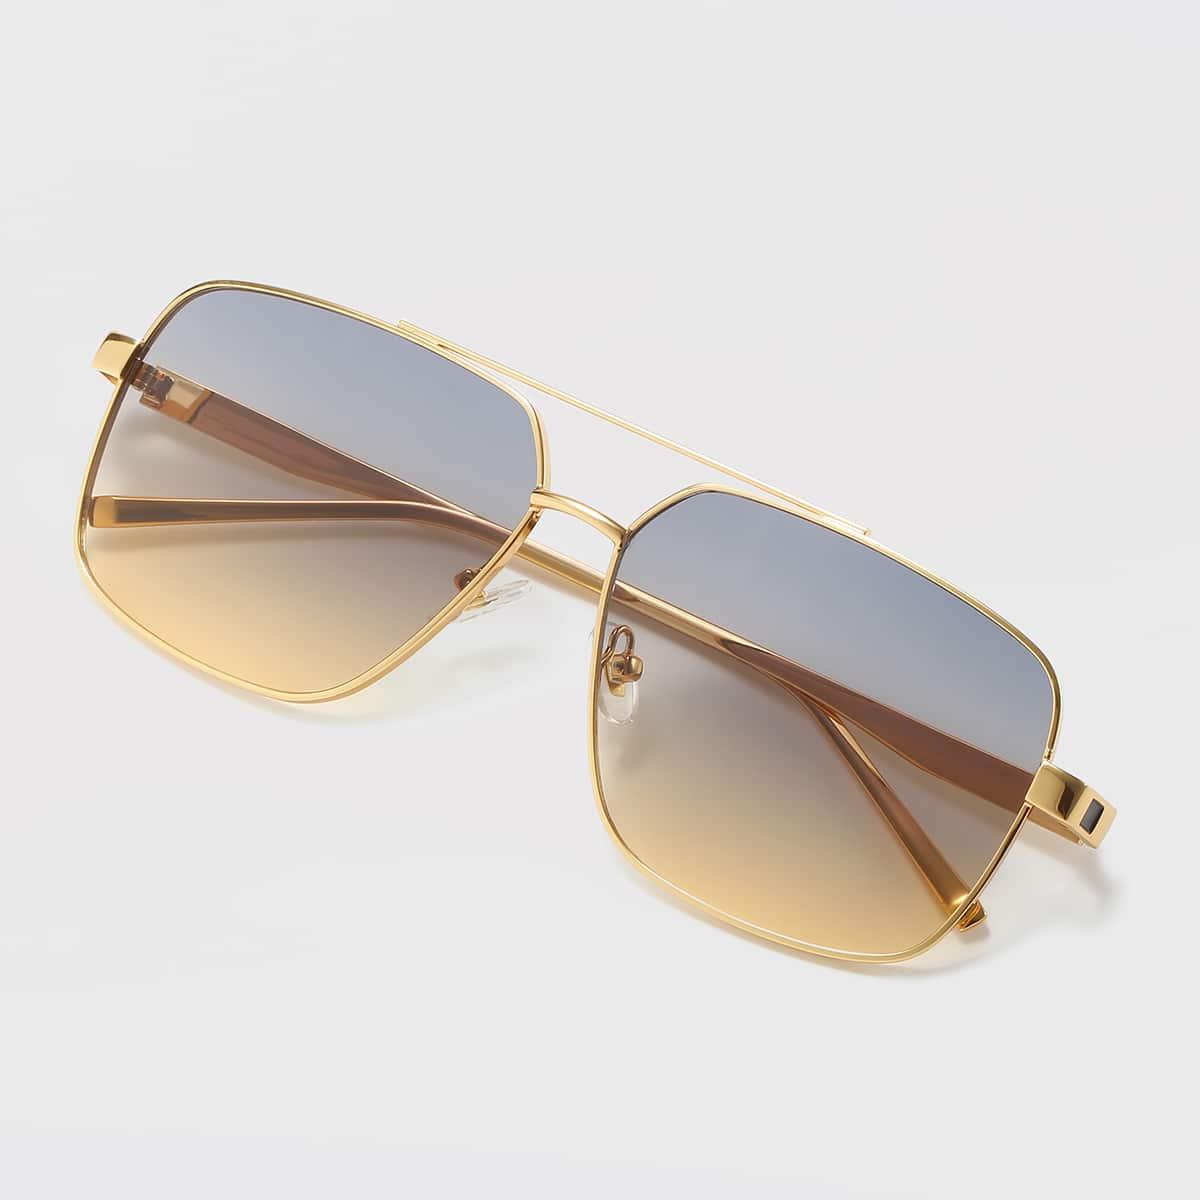 Солнцезащитные очки в геометрической оправе